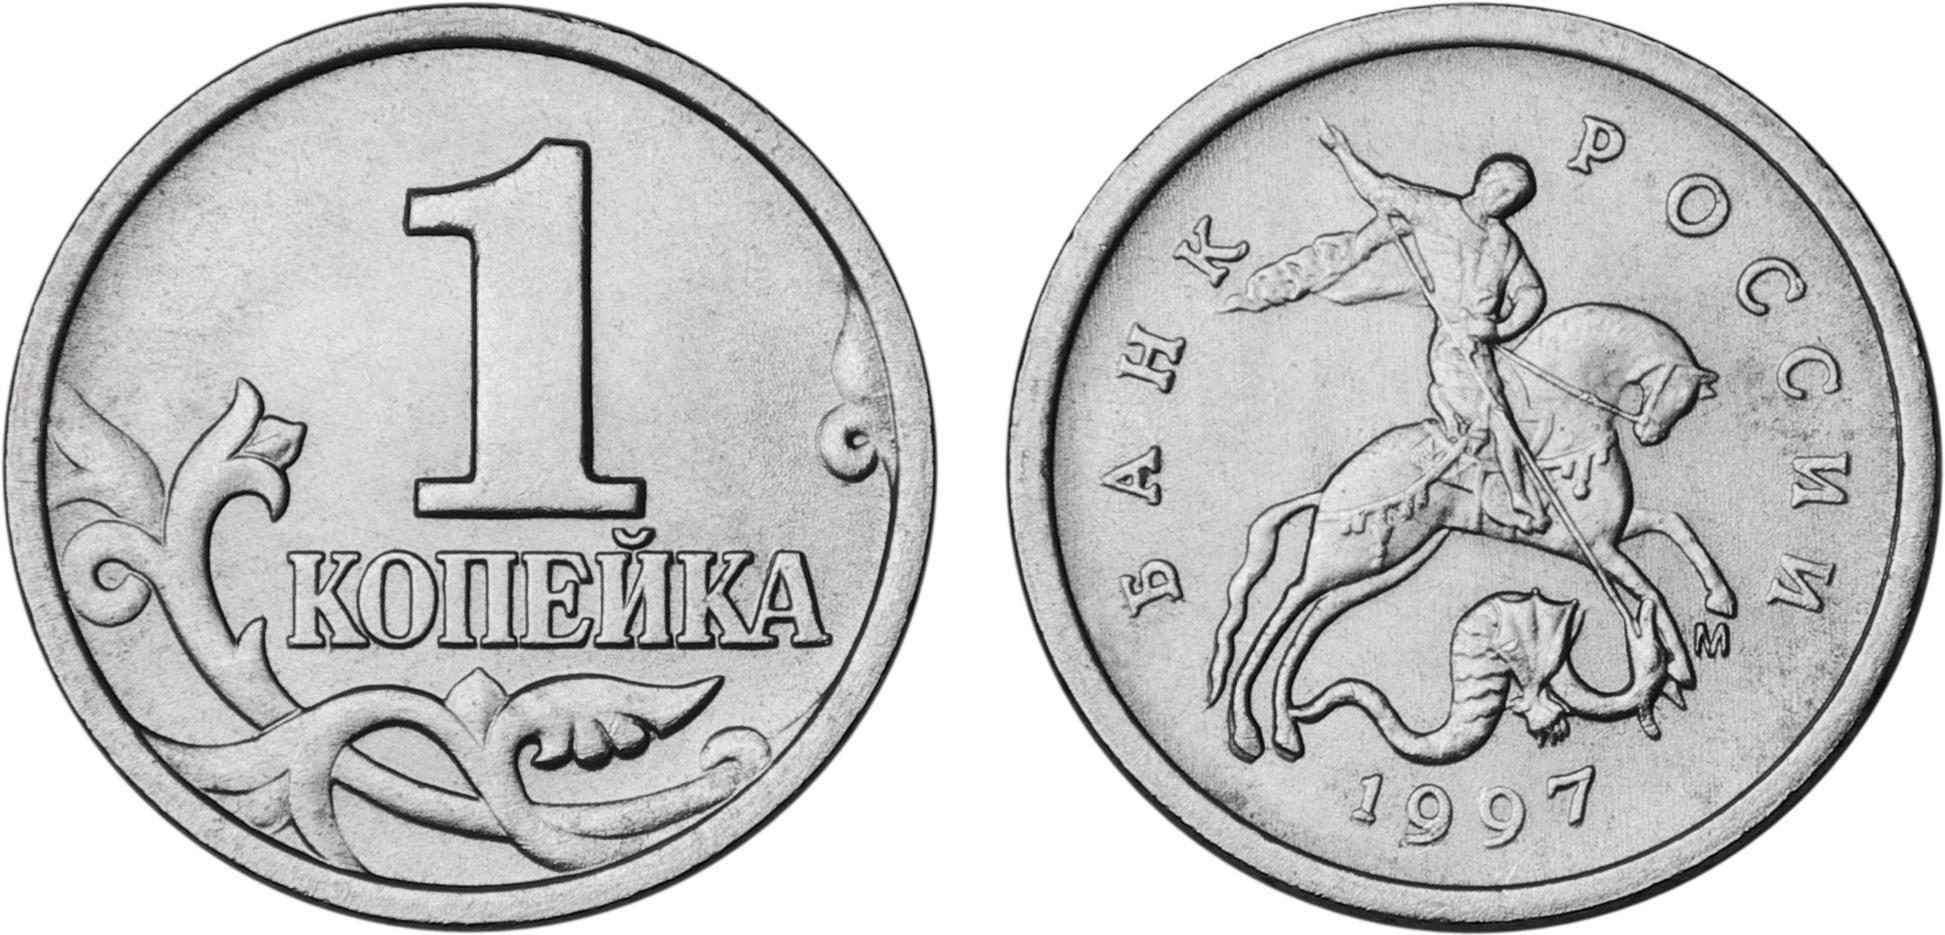 Монета москва 1728 года цена